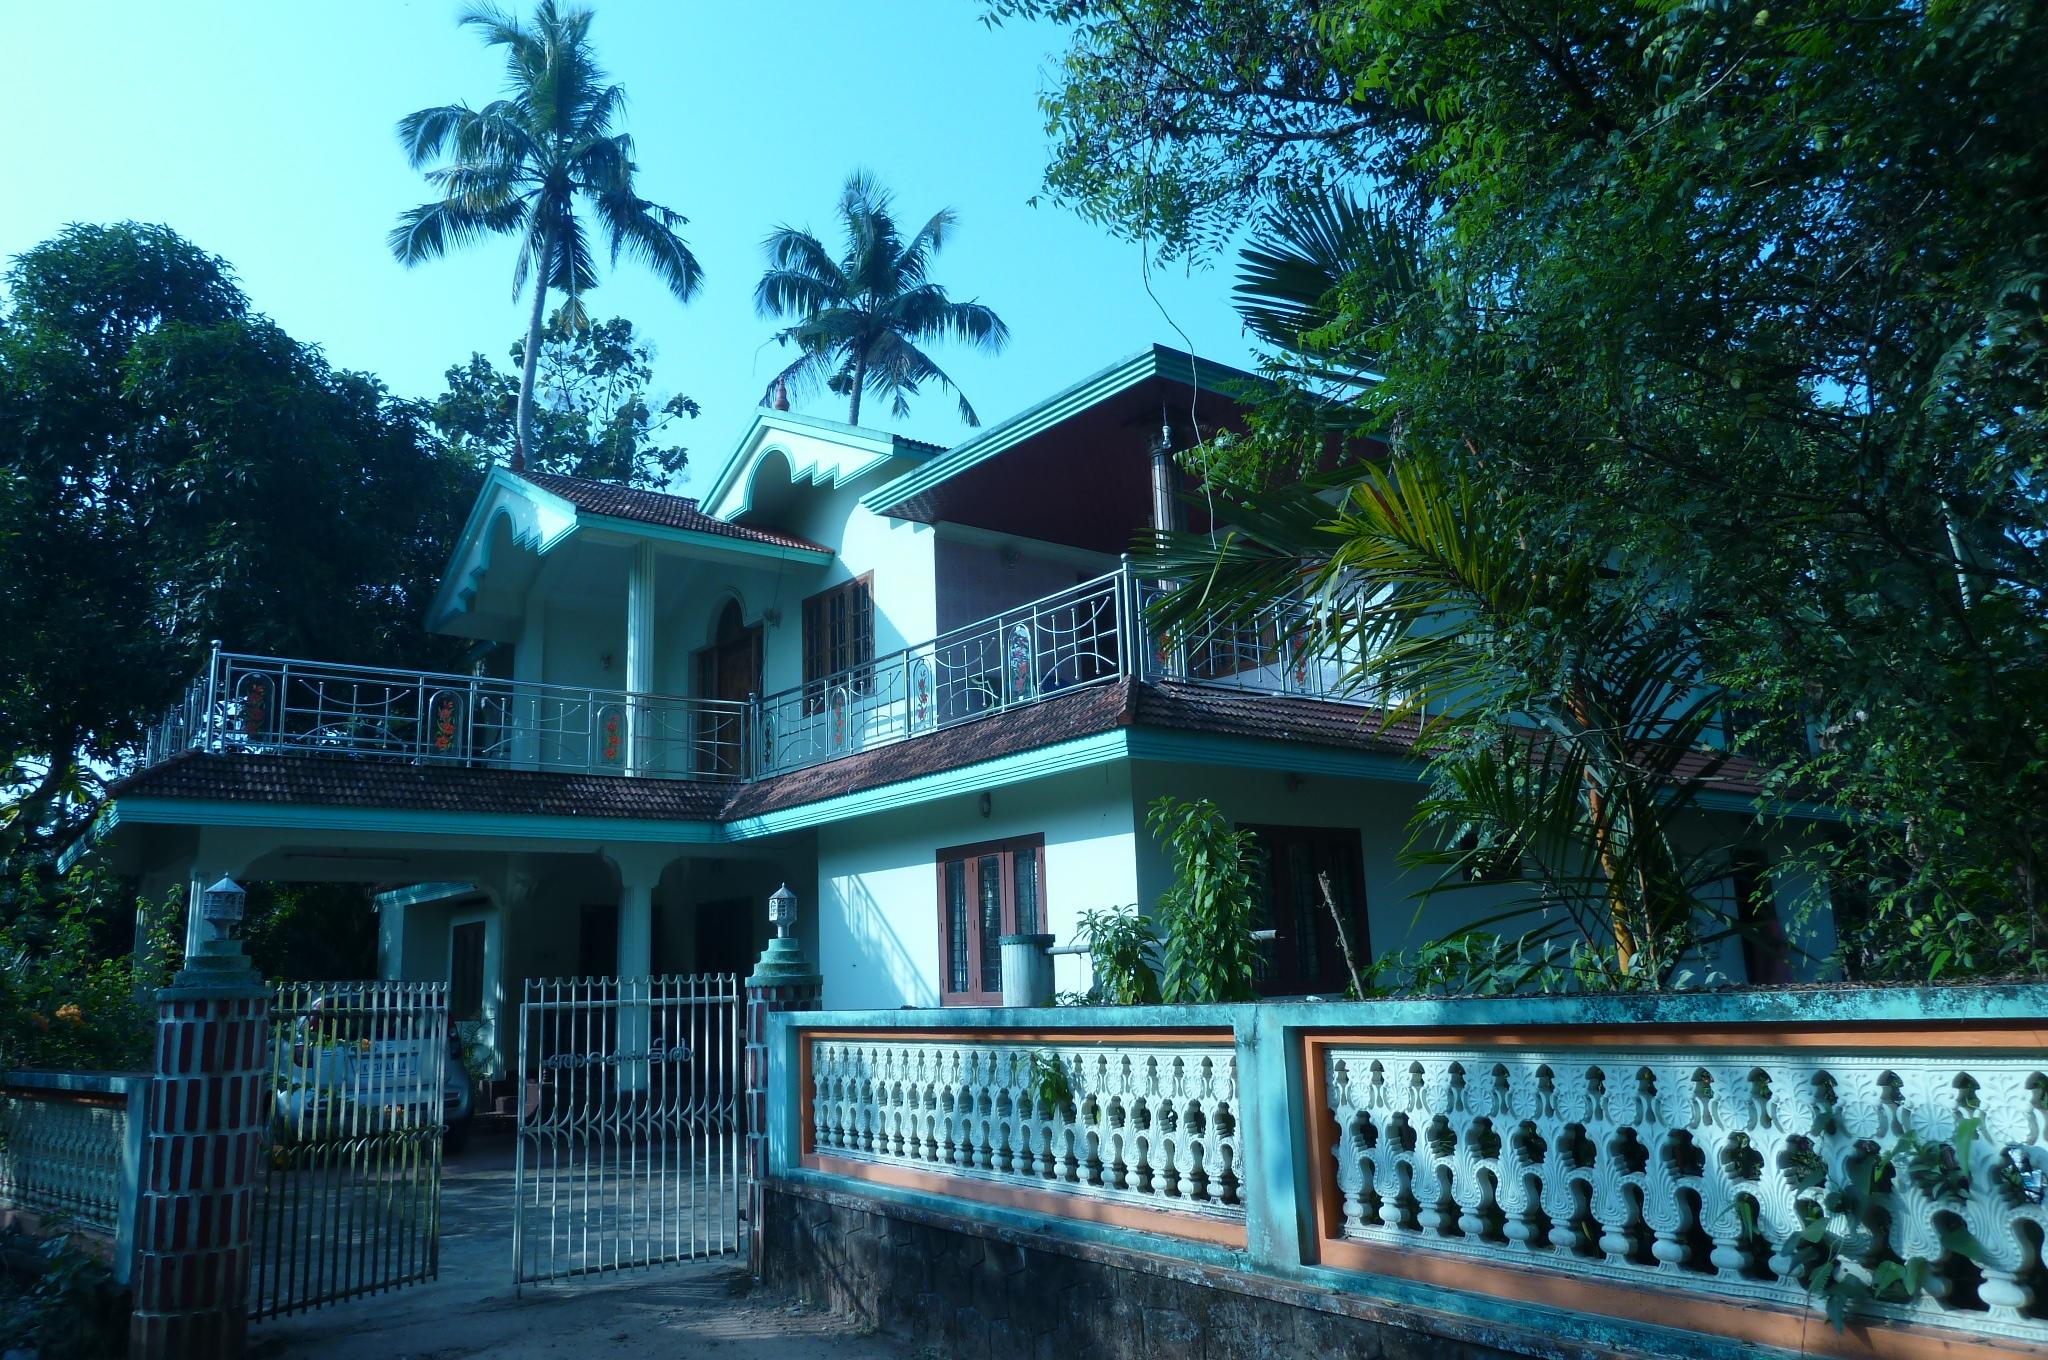 Vinaya-Kerala-Trip-Nov2012 146